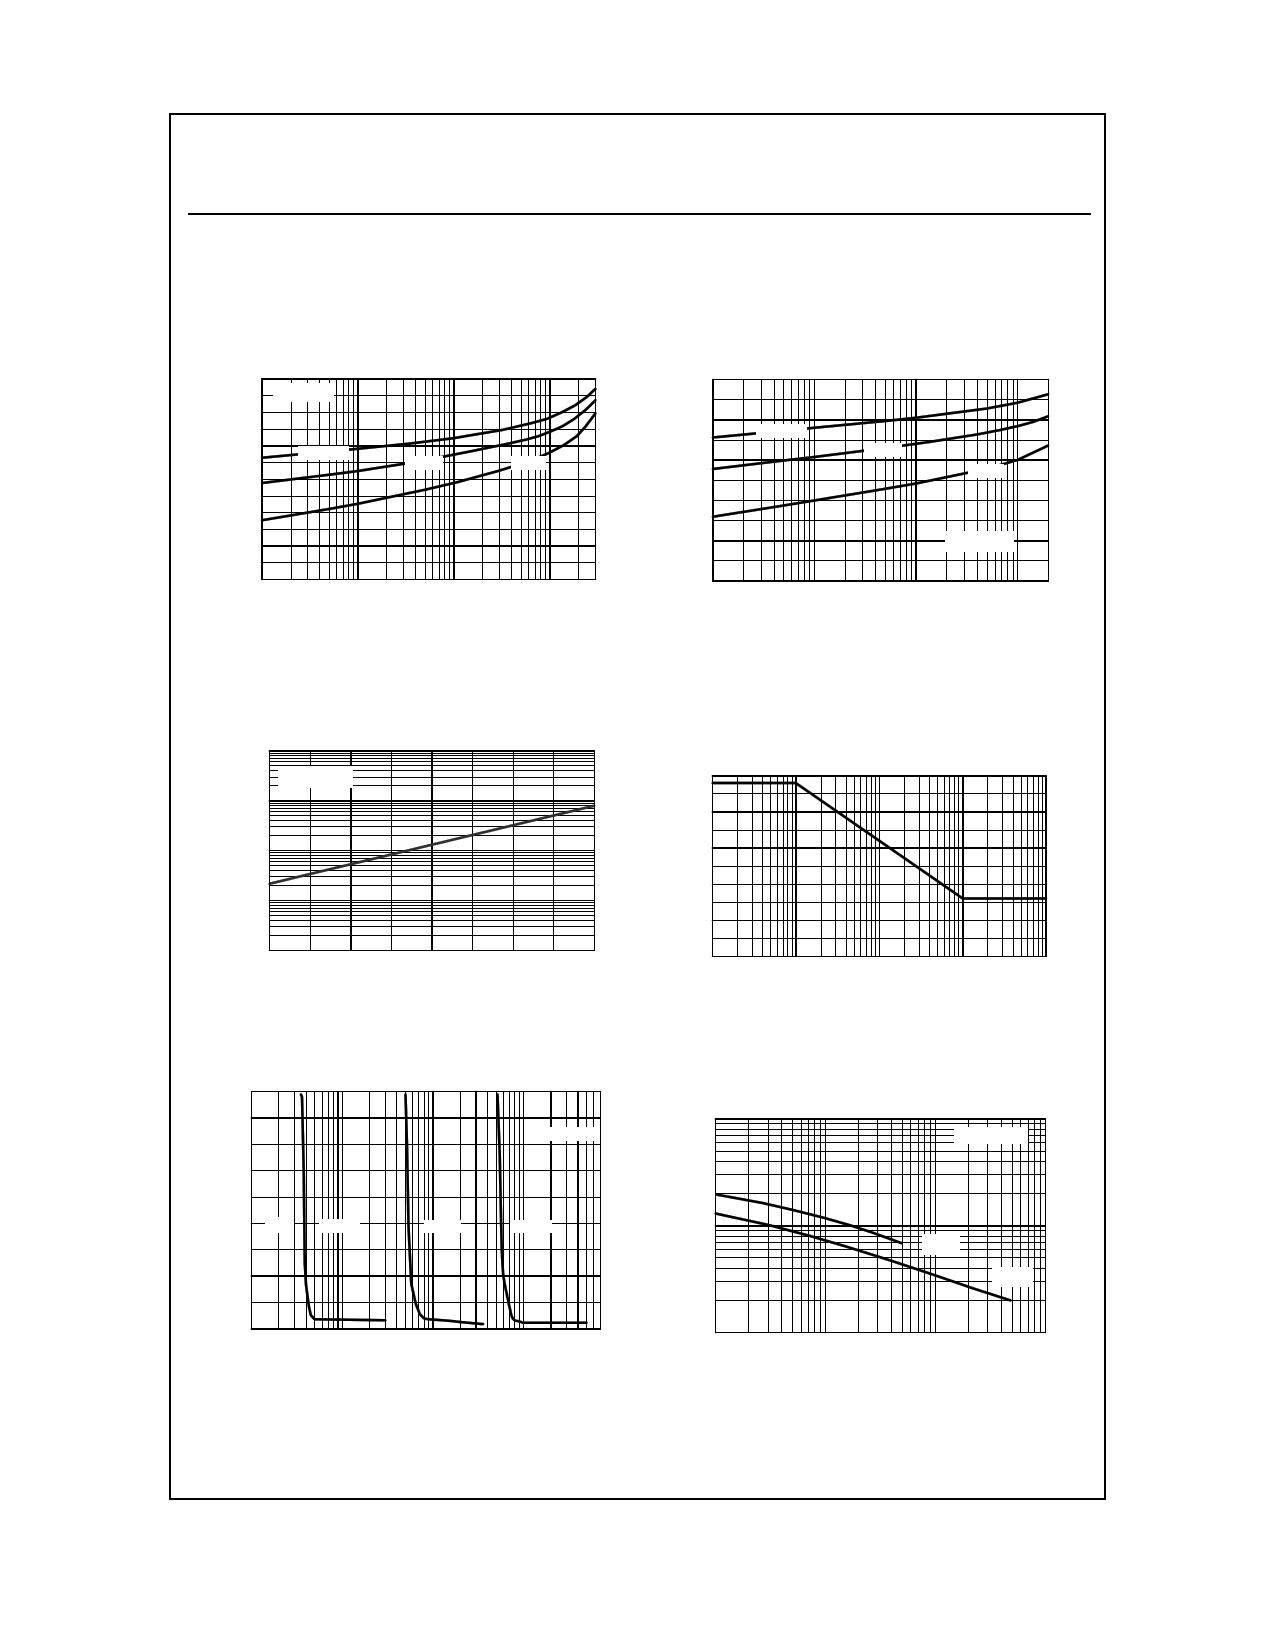 MMBT200 pdf, ピン配列